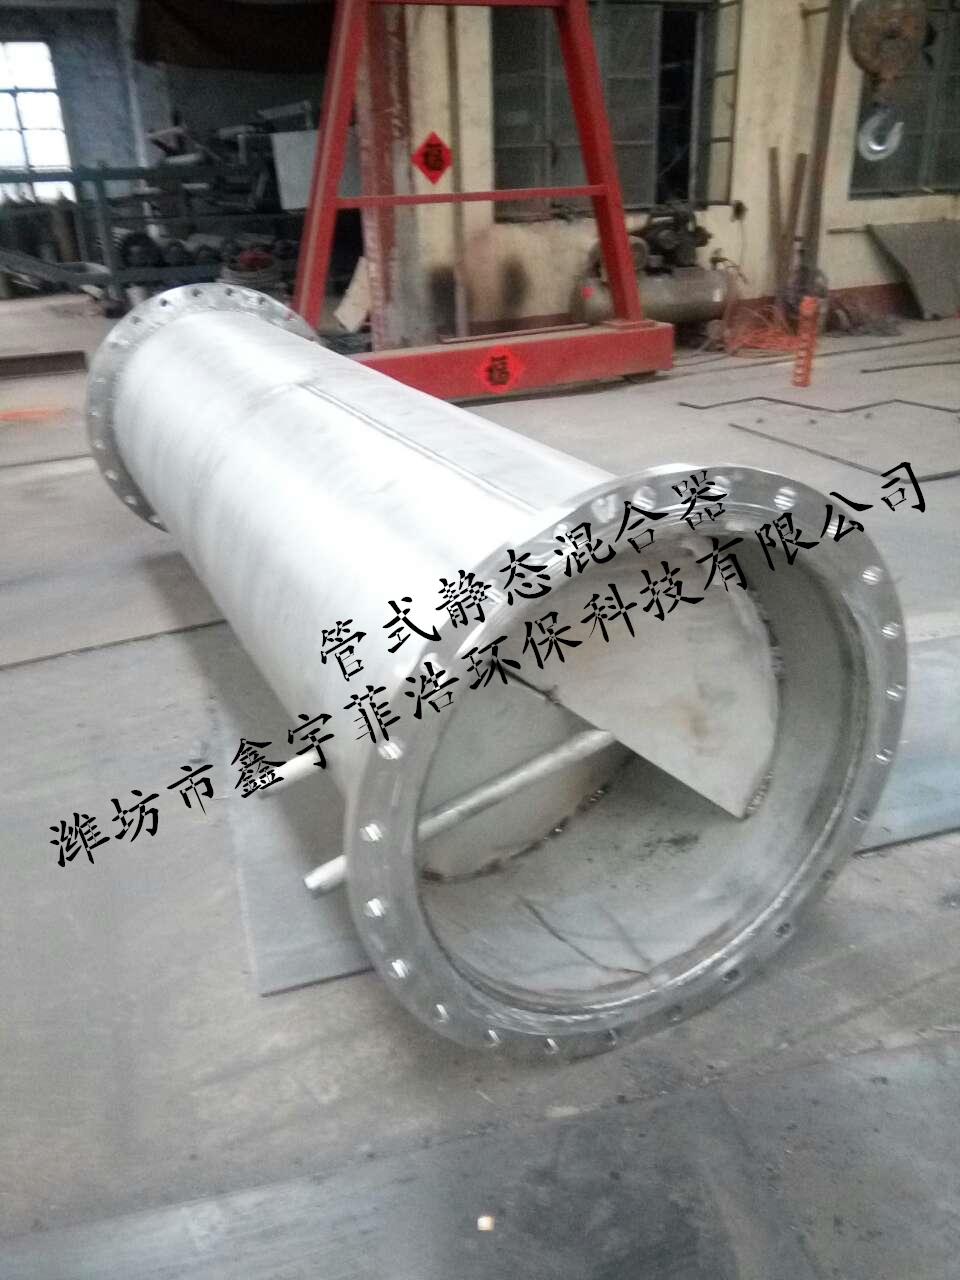 管道静态混合反应器不锈钢螺旋导流片高温高压化工流体物料管式反